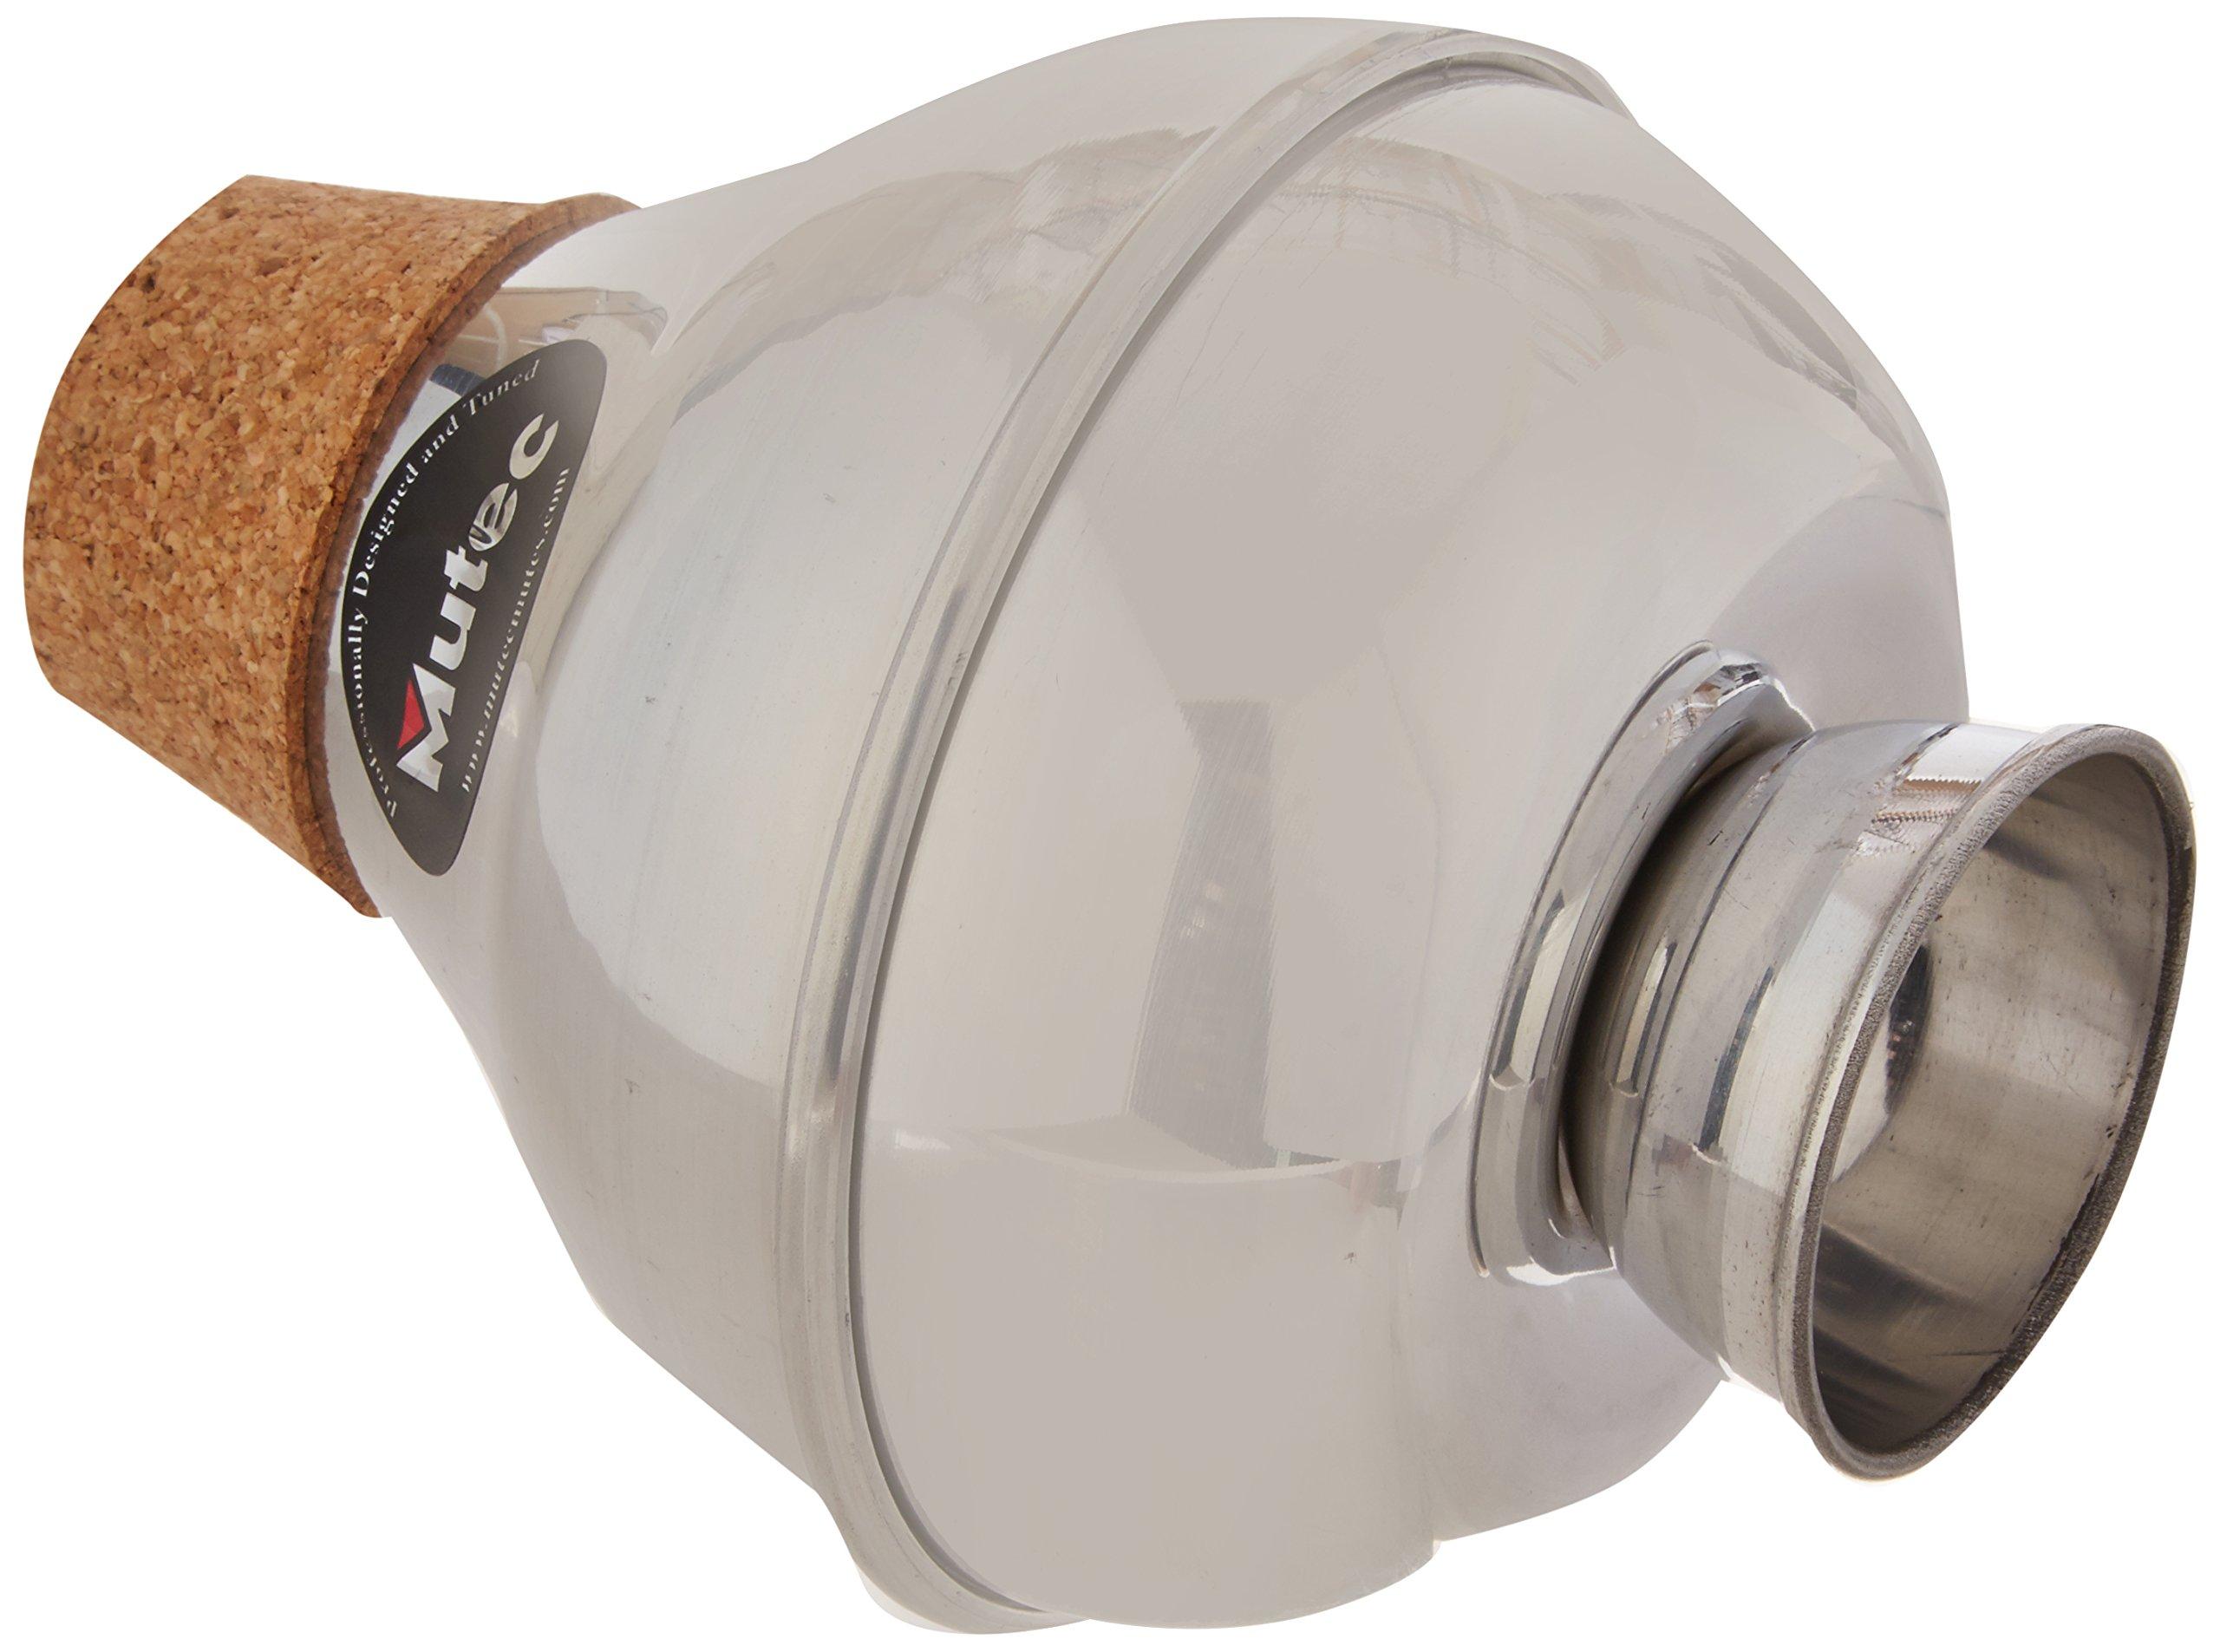 Mutec MHT130 Bubble Wah-Wah Mute for Trumpet - Aluminum